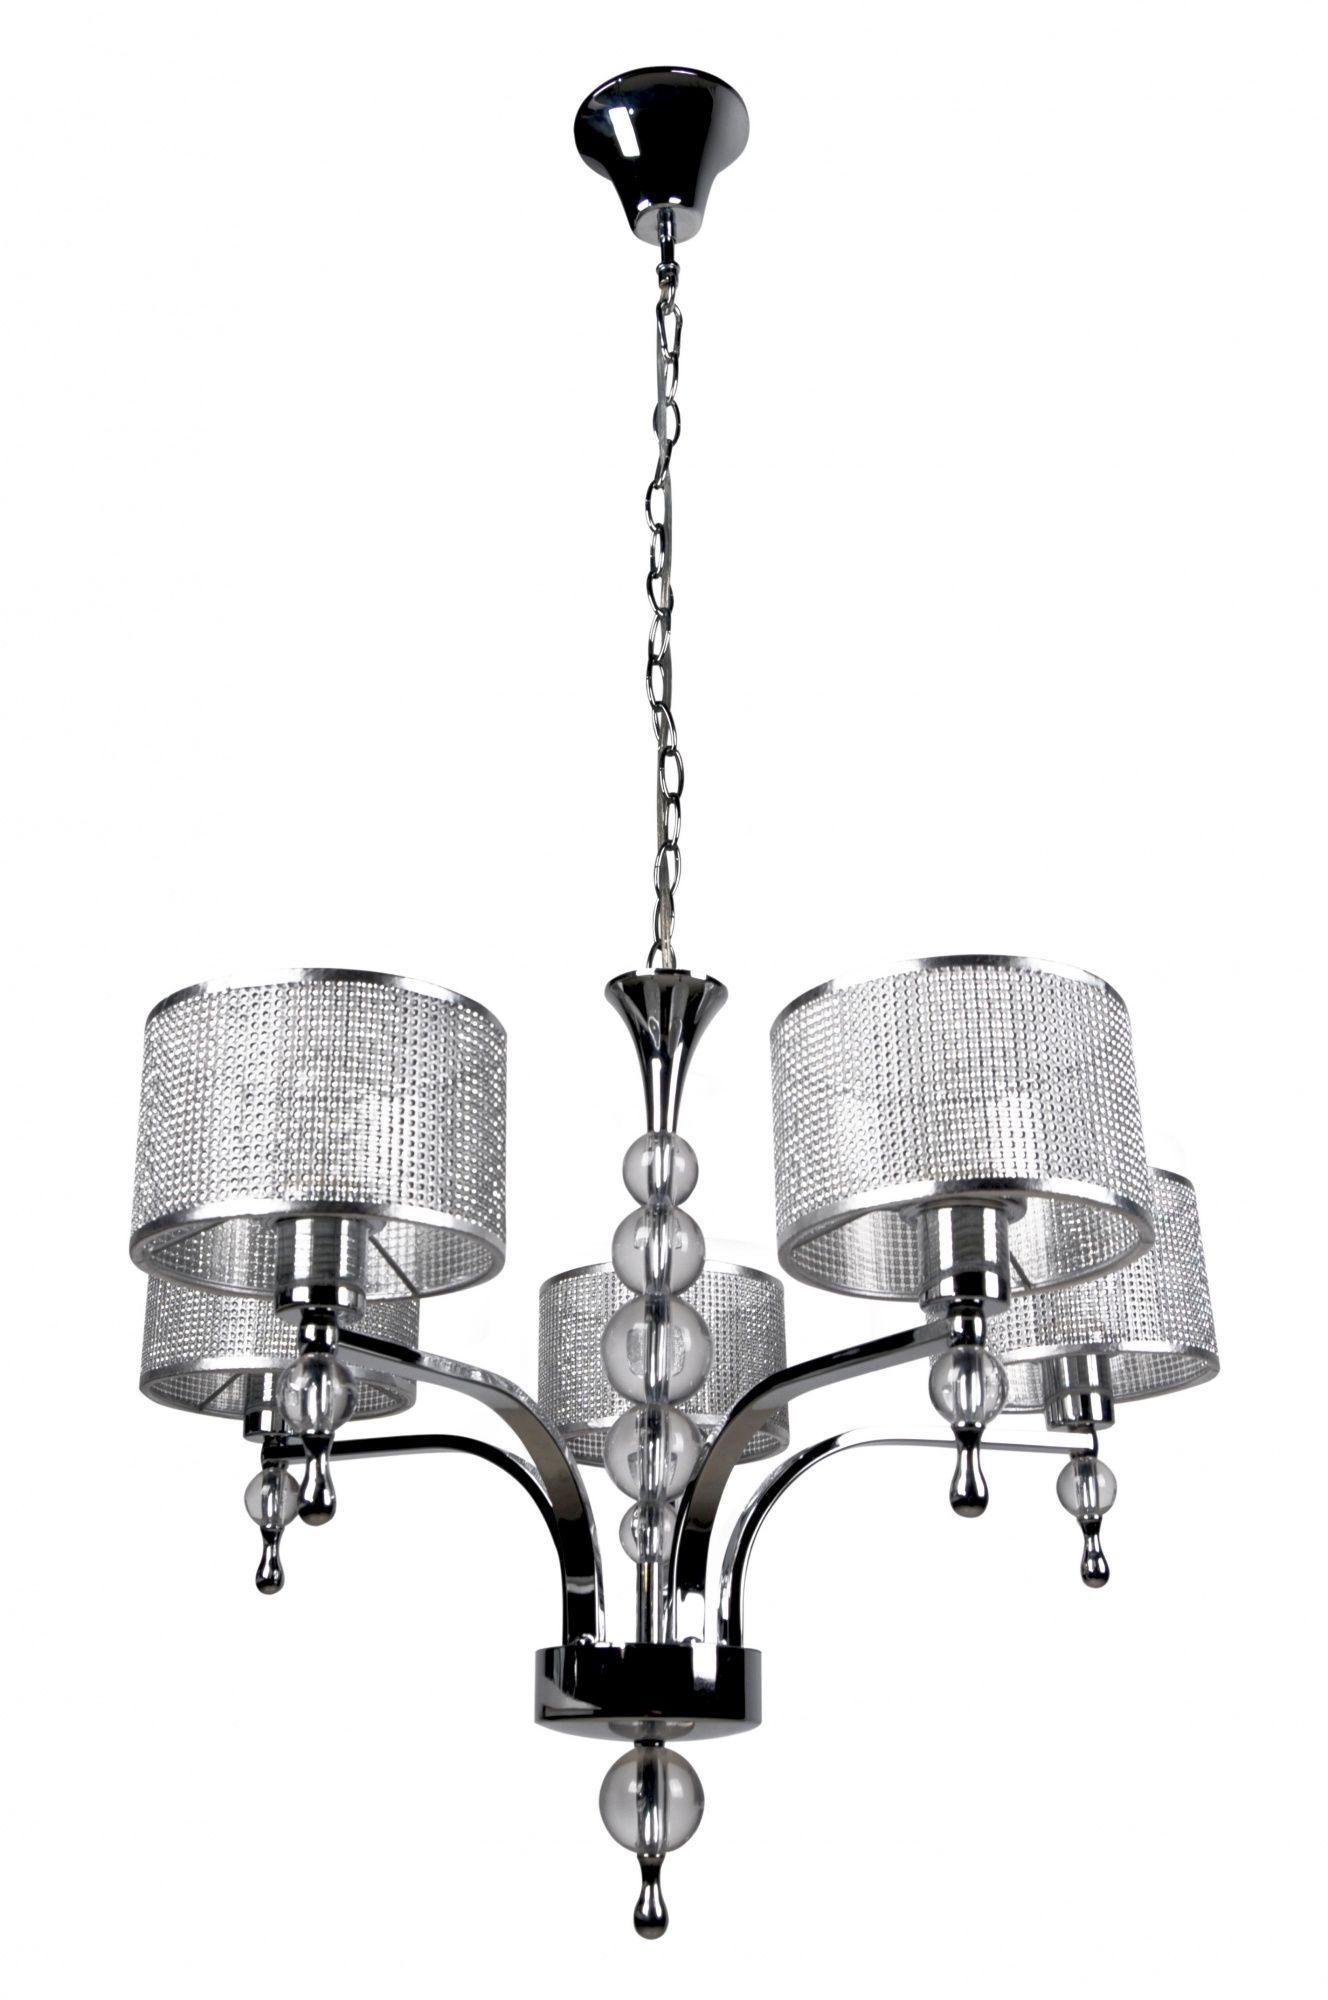 ŻARÓWKI LED GRATIS! Lampa wisząca Jewellery P1550-05A Zuma Line lampa wisząca w stylu kryształowym